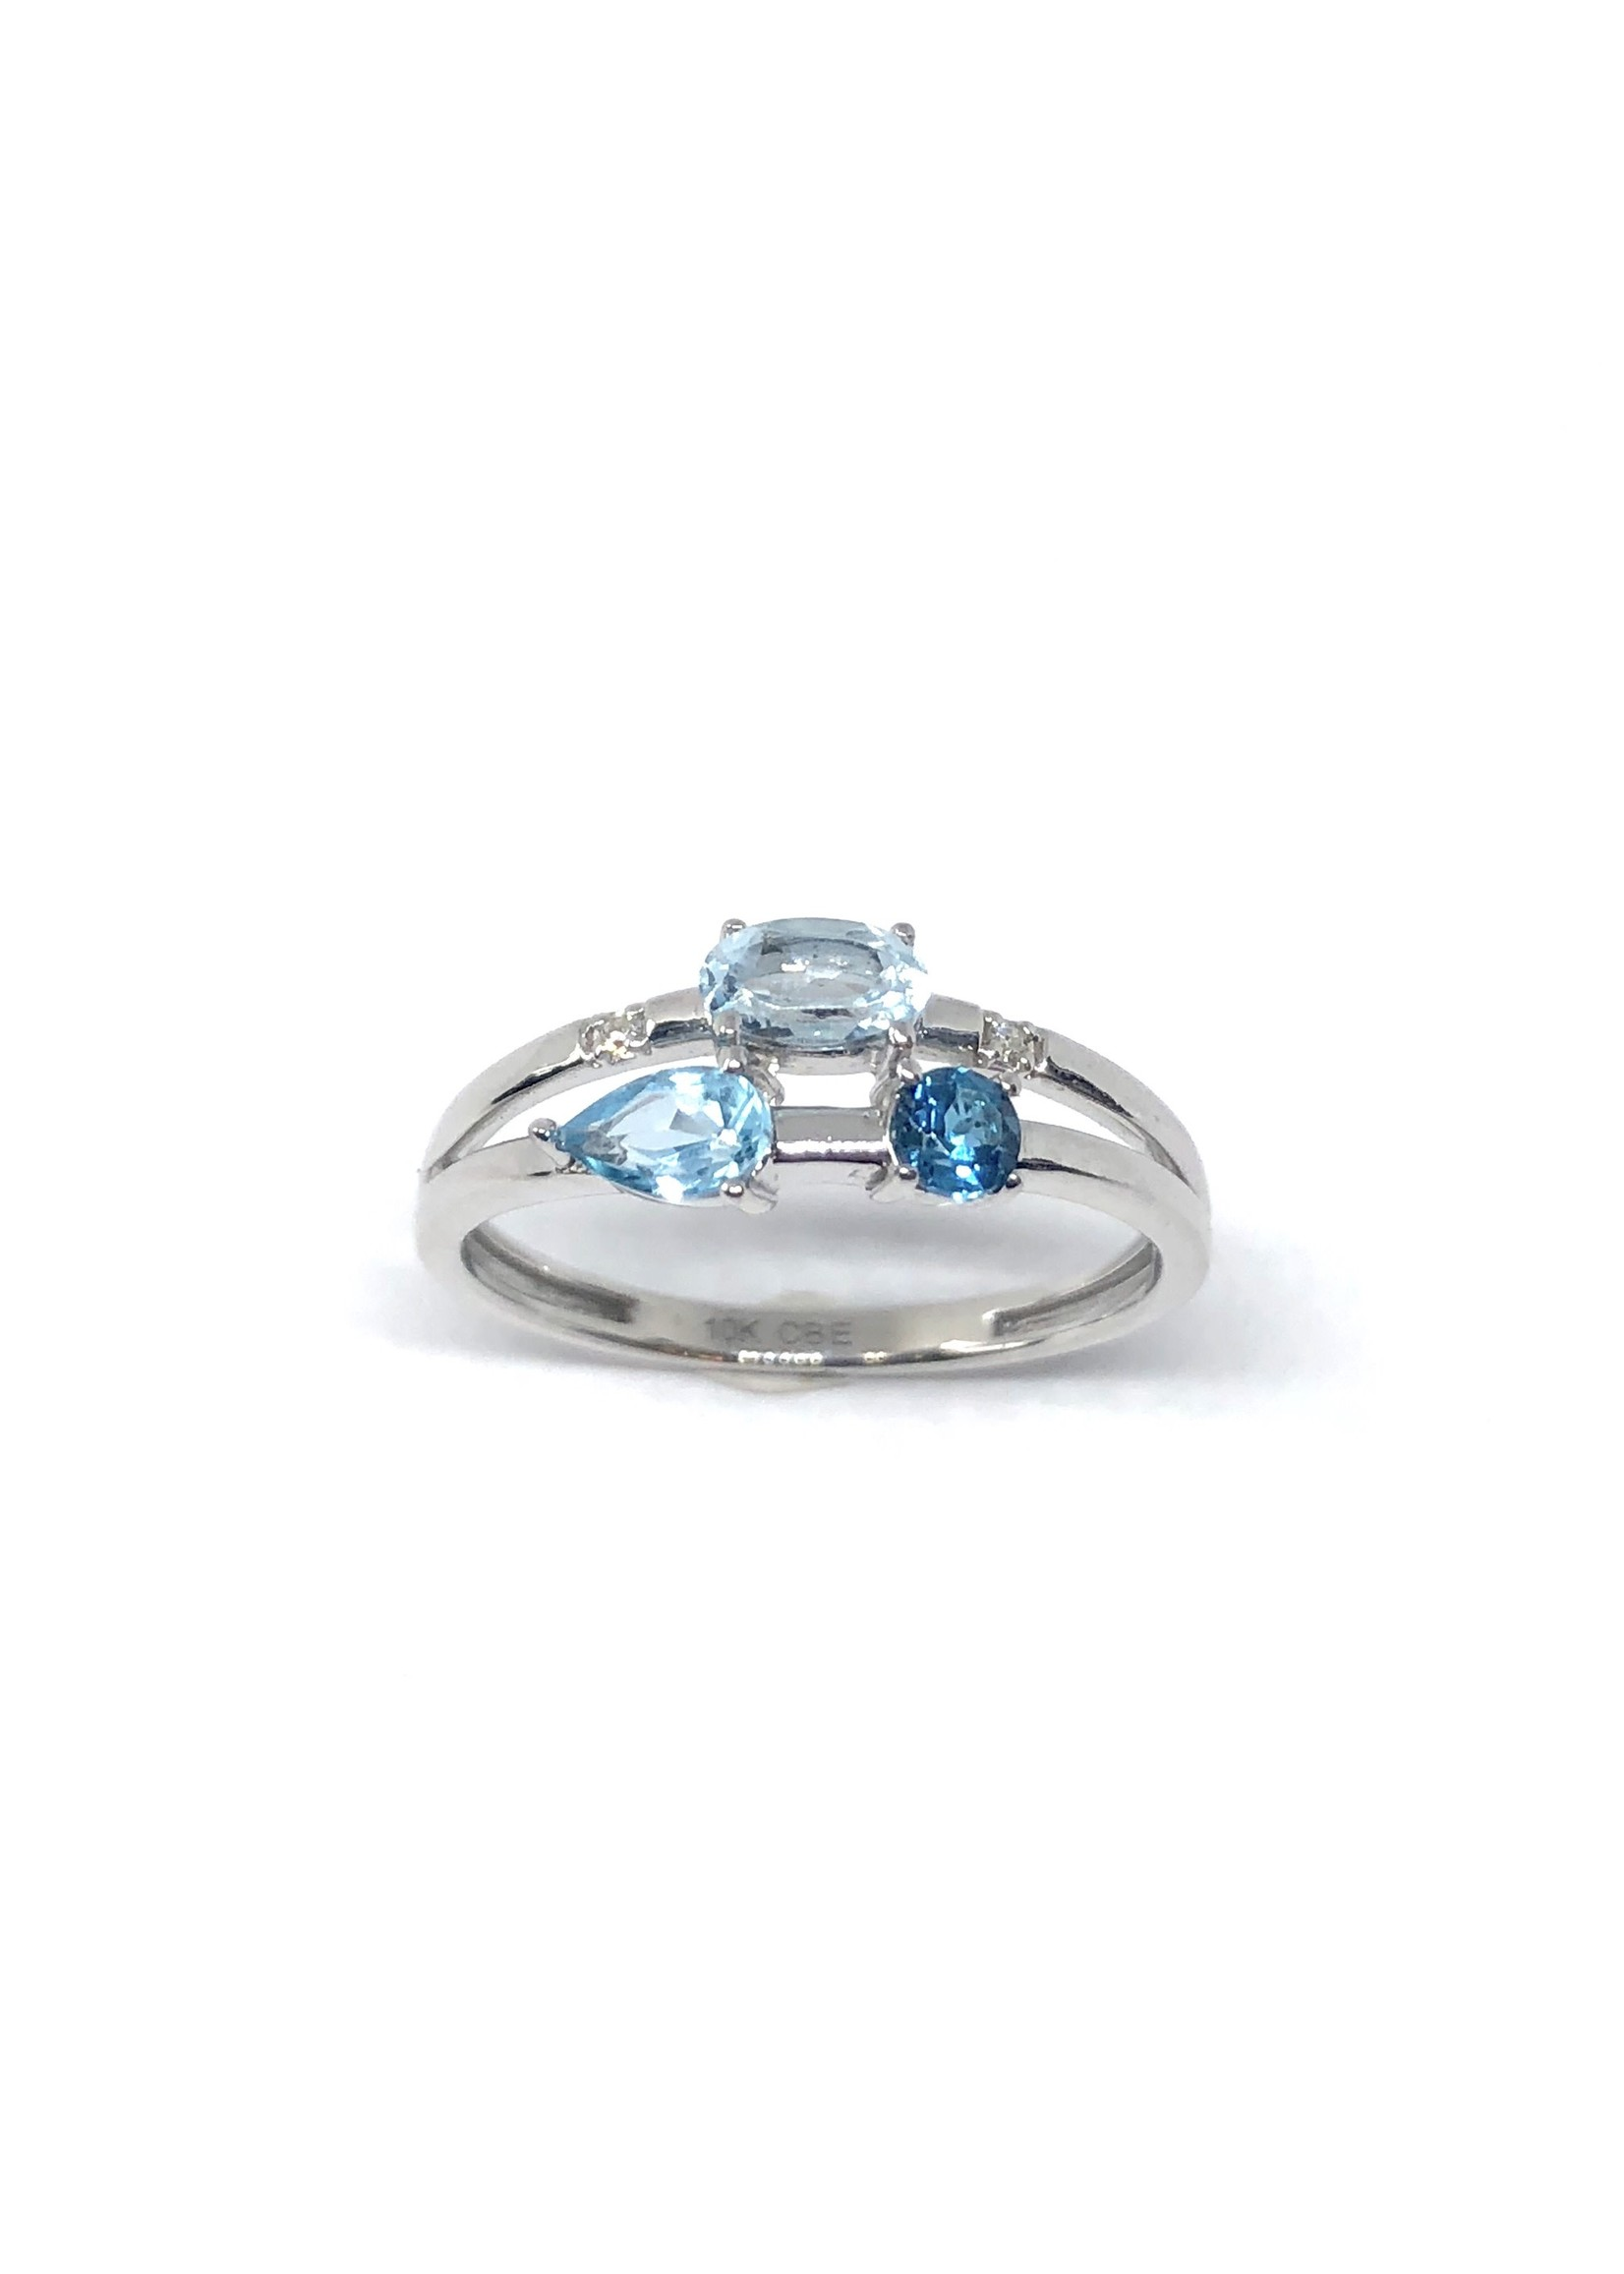 Bague 3 Topaz bleus Or blanc 10K avec Diamants